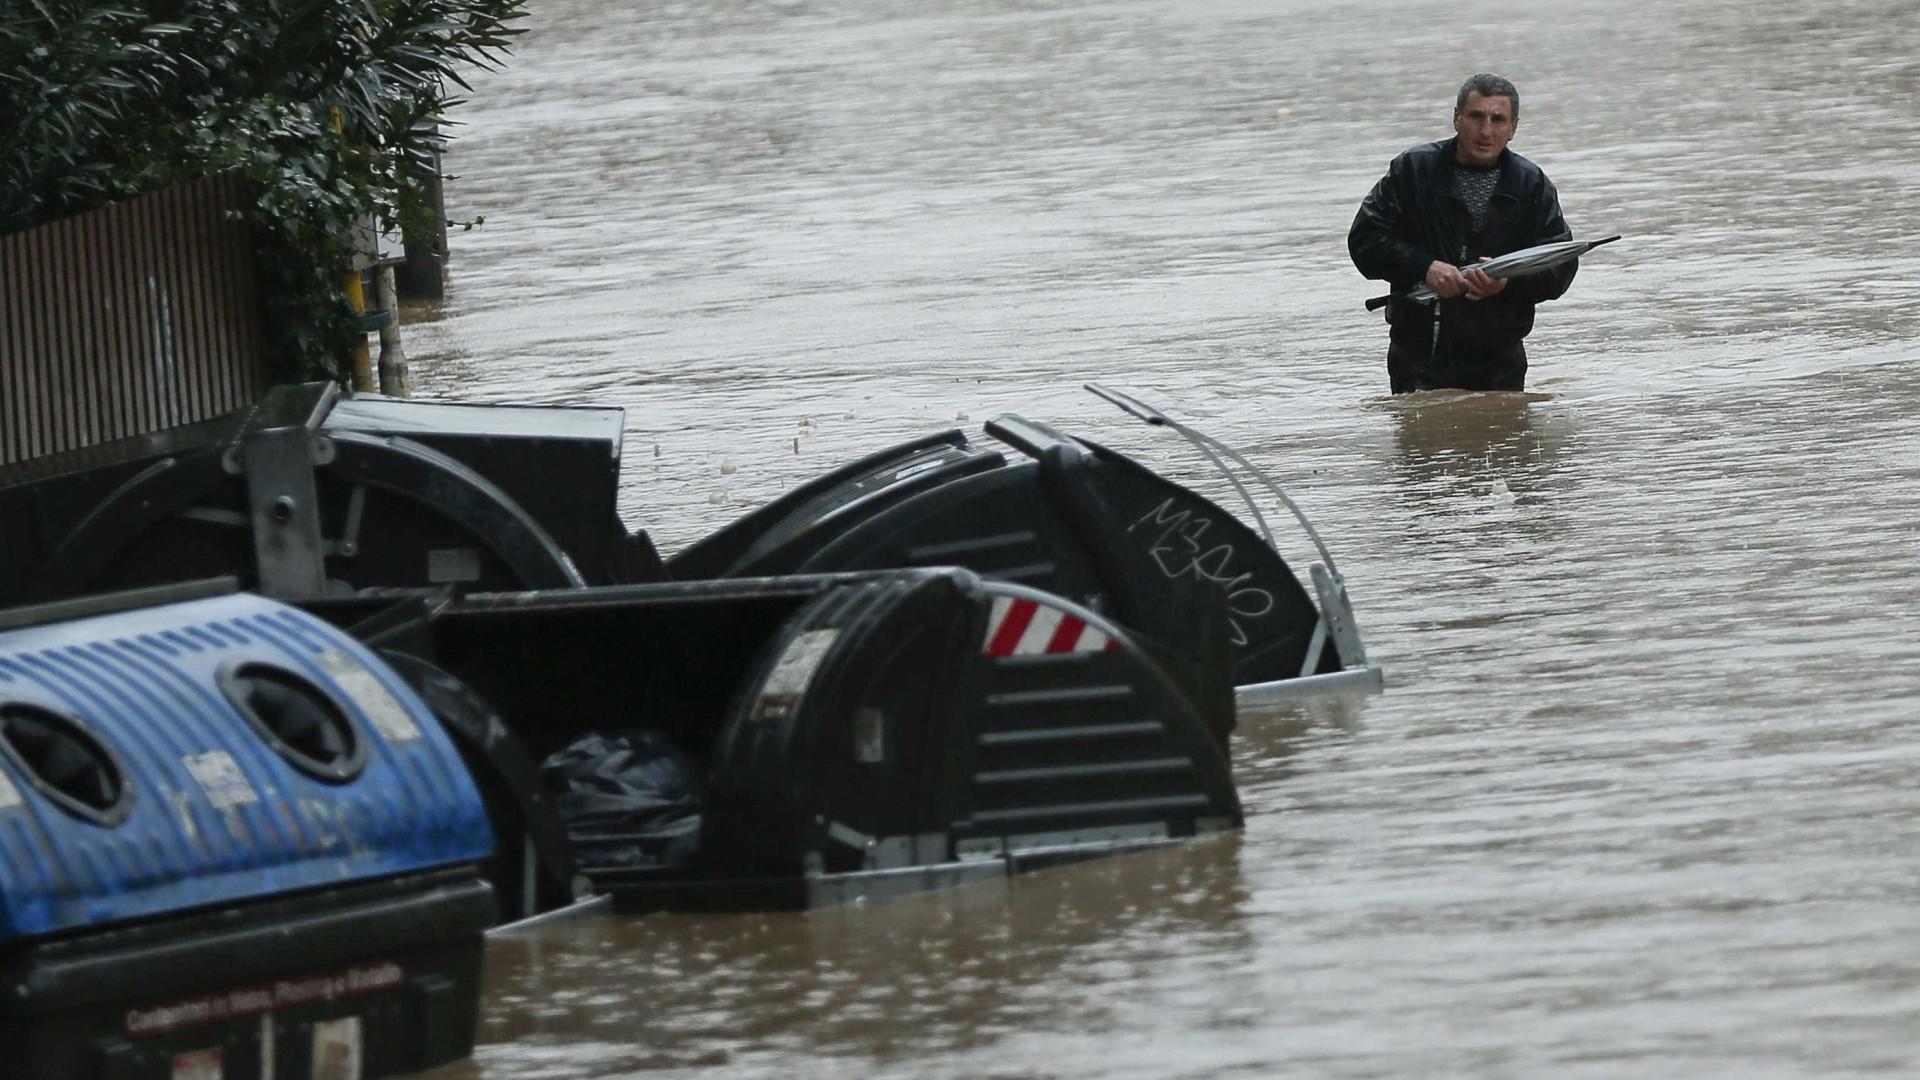 Inundações repentinas na Jordânia matam sete pessoas